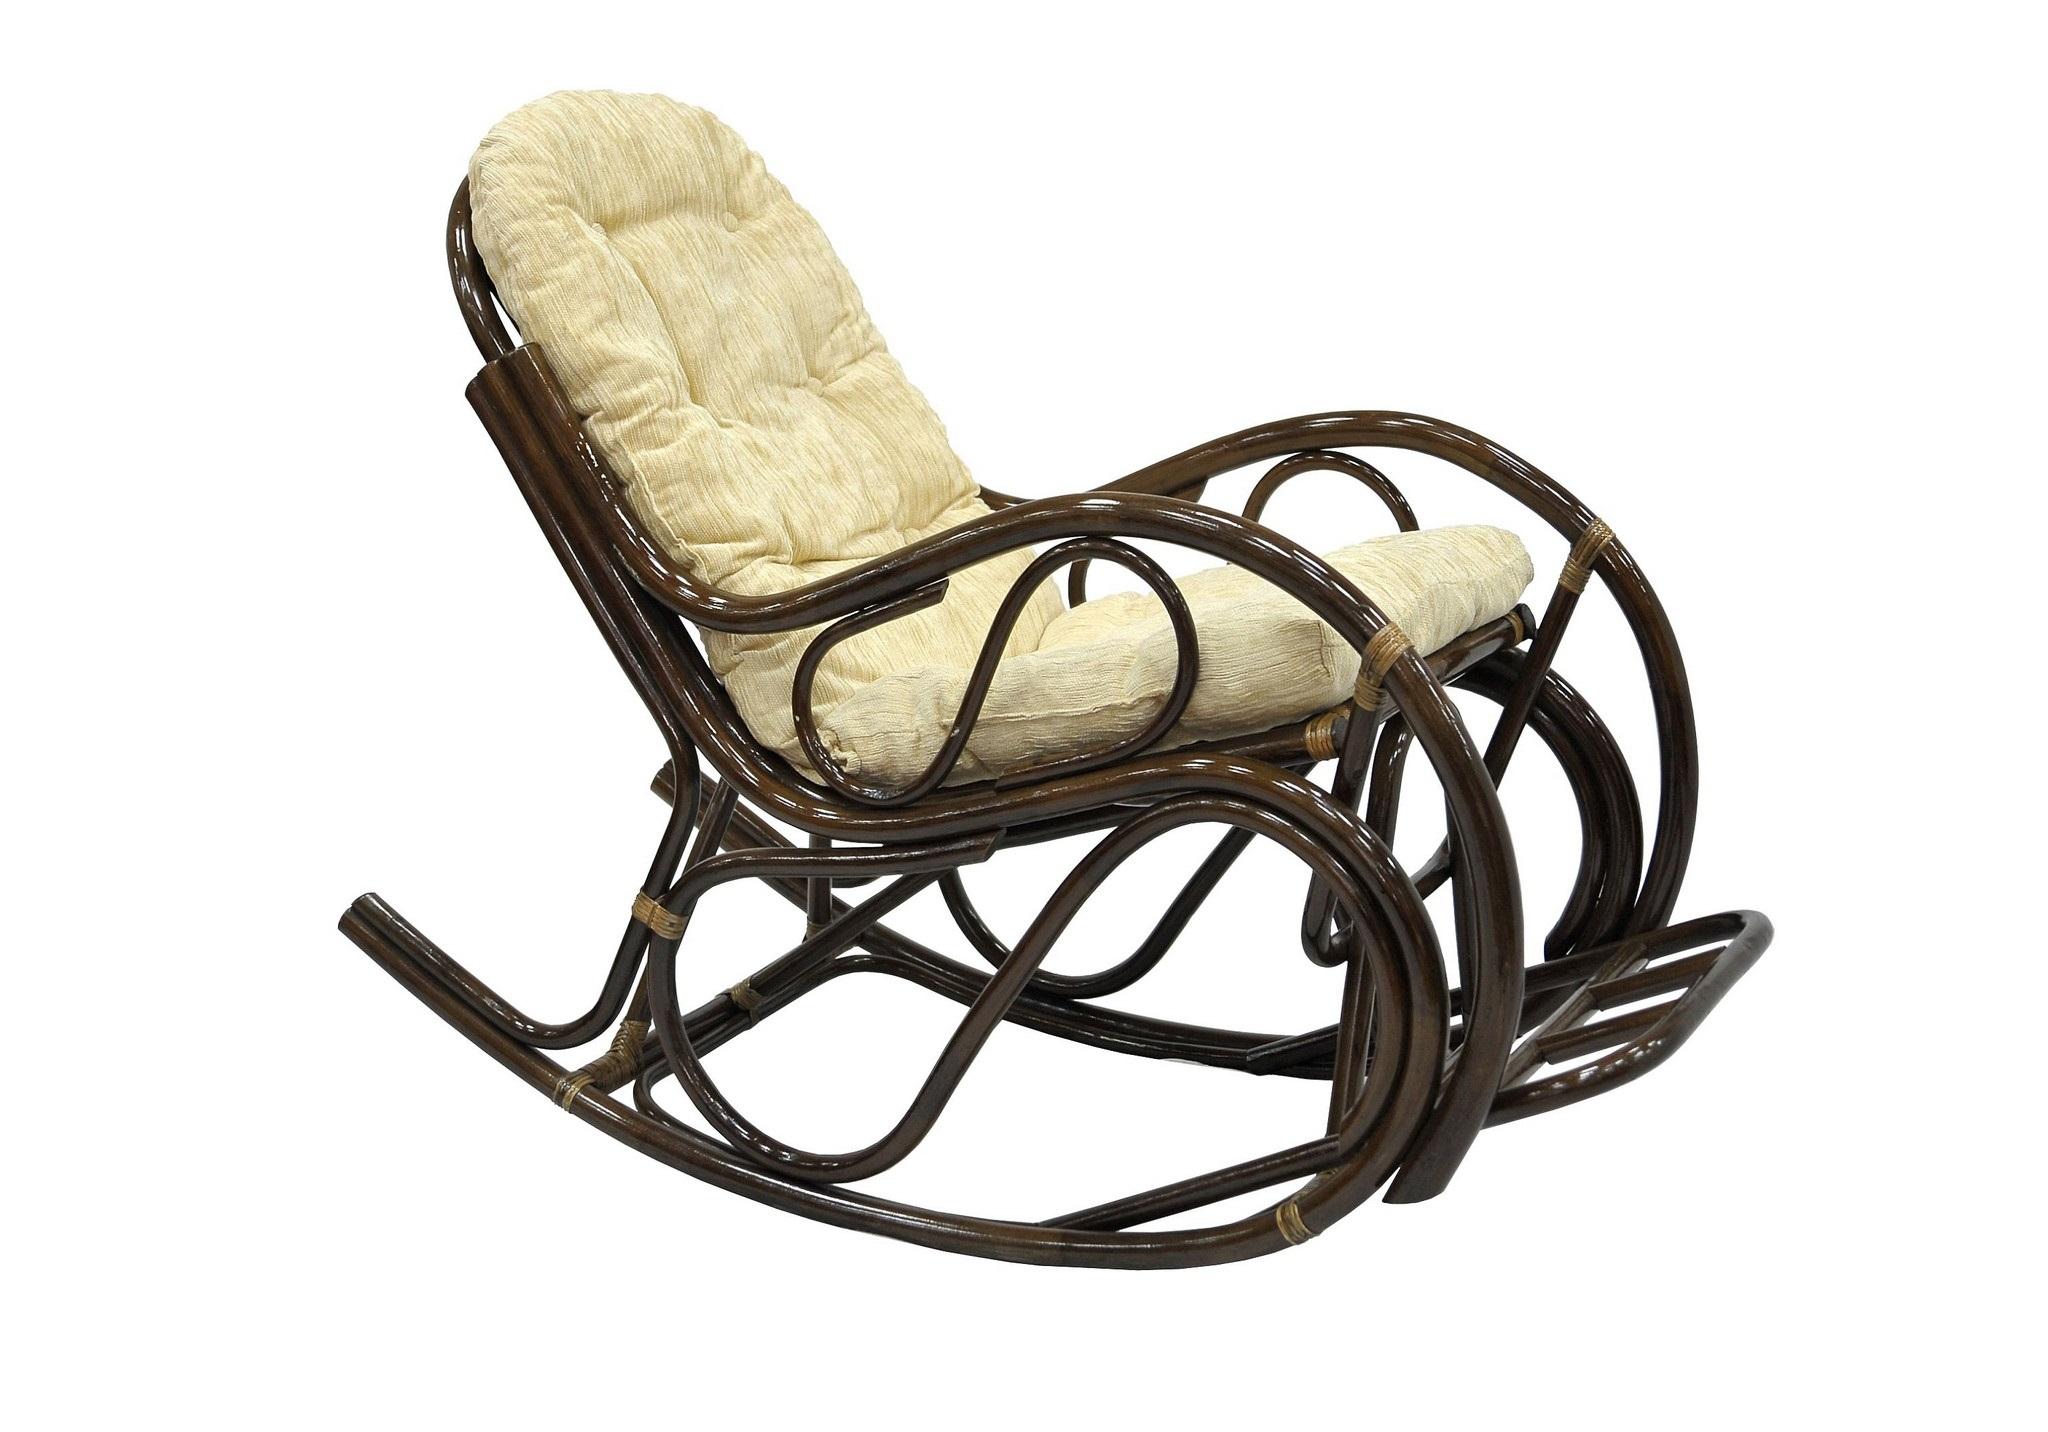 Кресло-качалка с подножкойКресла для сада<br>Классическое плетеное кресло-качалка из ротанга - подарит вам удивительное ощущение спокойствия и безмятежности. Ротанг является гибким и прочным растением, что позволяет креслу-качалке из ротанга выдерживать большой вес, оставаясь при этом удивительно легким.&amp;amp;nbsp;&amp;lt;div&amp;gt;&amp;lt;br&amp;gt;&amp;lt;/div&amp;gt;&amp;lt;div&amp;gt;Цвет: браун (коричневый)&amp;lt;/div&amp;gt;&amp;lt;div&amp;gt;Материал подушки: шенилл&amp;lt;/div&amp;gt;&amp;lt;div&amp;gt;Особенности:  с подножкой&amp;lt;/div&amp;gt;&amp;lt;div&amp;gt;Вес, кг:  15&amp;lt;/div&amp;gt;&amp;lt;div&amp;gt;Выдерживаемая нагрузка, кг:  120&amp;lt;/div&amp;gt;<br><br>Material: Ротанг<br>Ширина см: 56<br>Высота см: 93<br>Глубина см: 117